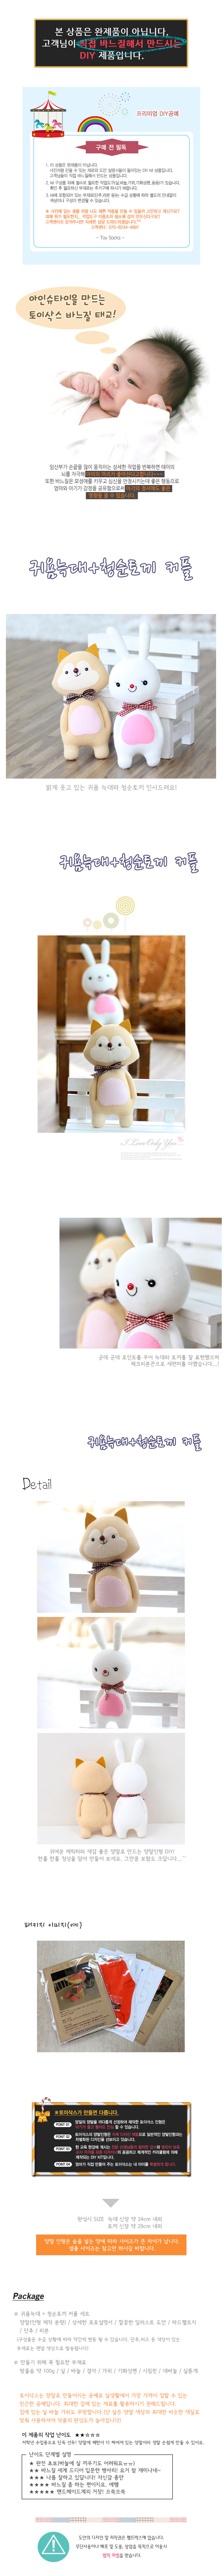 귀욤늑대+청순토끼 커플-2개set 양말인형만들기 - 펠트박스, 13,440원, 퀼트/원단공예, 인형 패키지